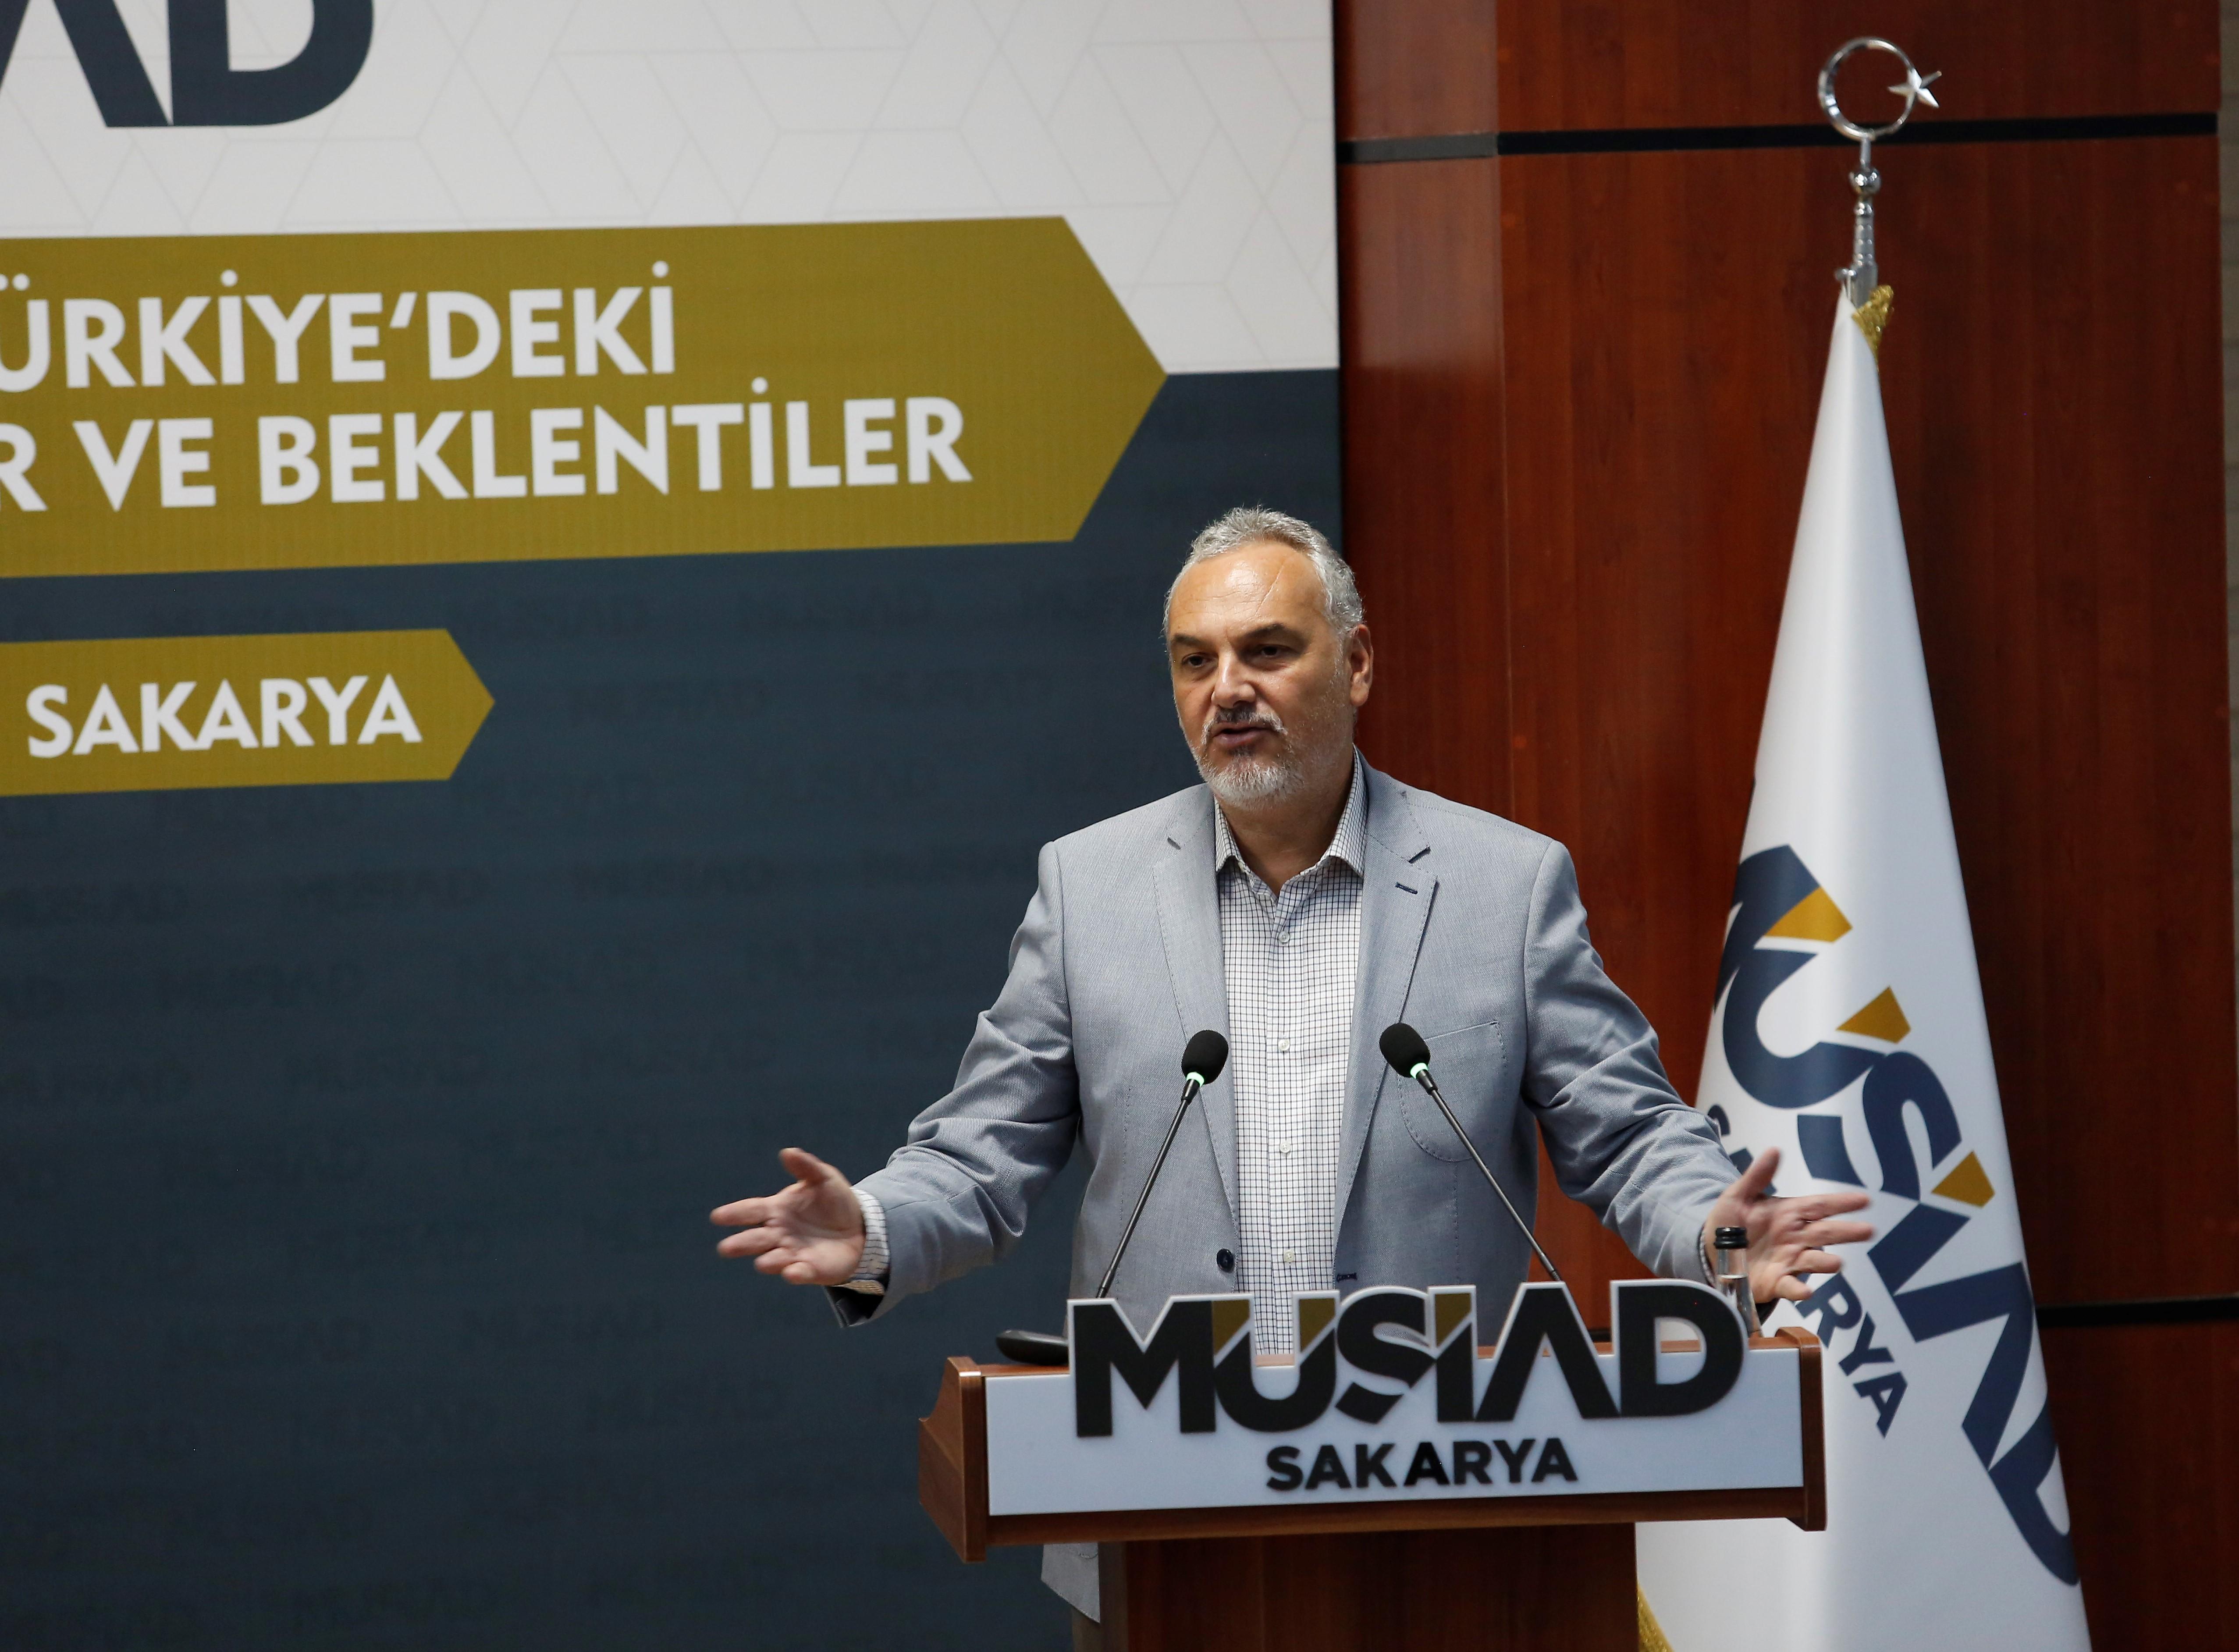 MÜSİAD Sakarya'da Dünya ve Türkiye Ekonomisi konuşuldu.